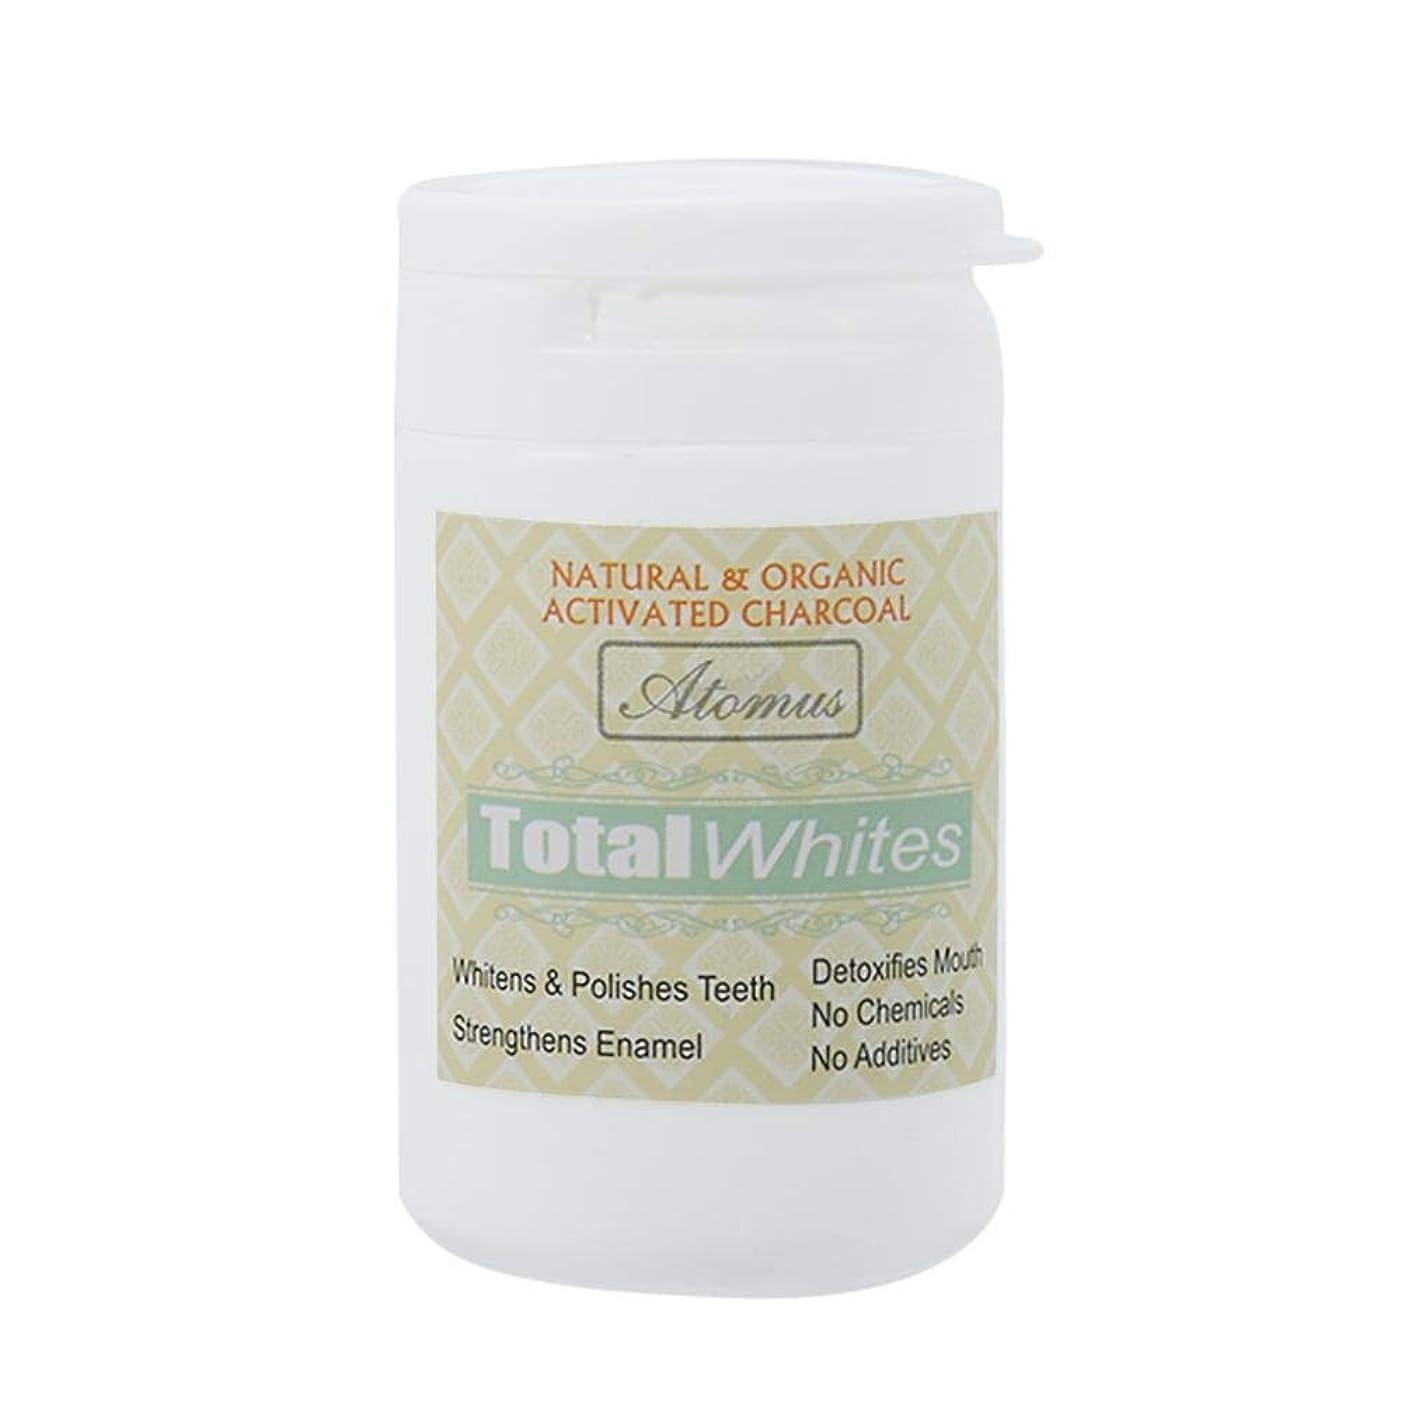 カウボーイ一定支払う歯のホワイトニングパウダー、活性炭の歯のホワイトナーパウダー - 有機安全で効果的なホワイトナーの解決策 - ホワイトニングの歯とフレッシュな息